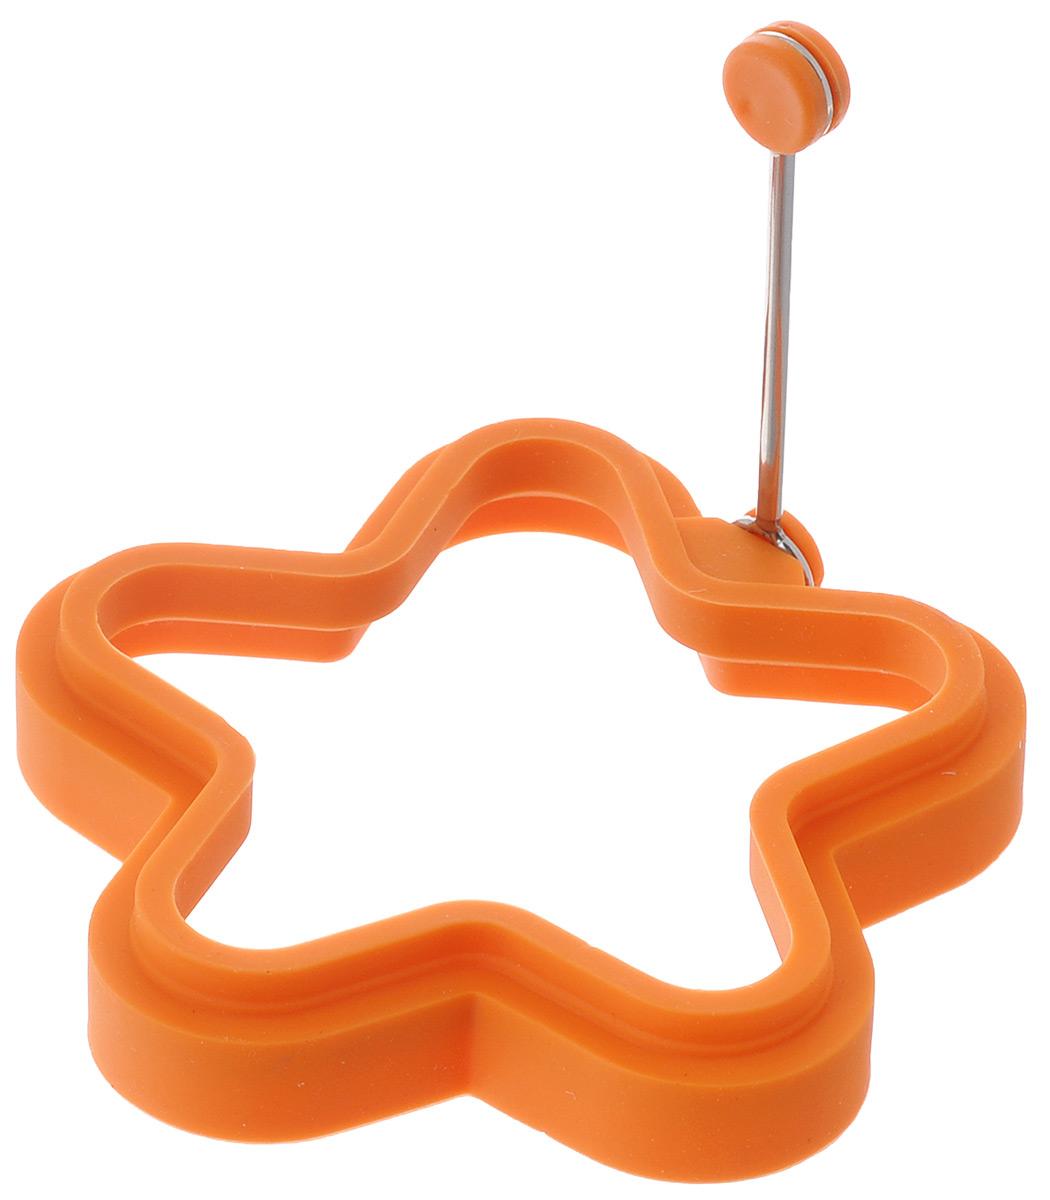 Форма для яичницы Mayer & Boch Звезда, цвет: оранжевый24191Форма Mayer & Boch Звезда изготовлена из силикона. Она предназначена для приготовления яичницы, выпекания блинов необычной формы и других блюд. Необходимо просто залить приготавливаемую массу внутрь формочки, расположенной на сковородке, и подождать, пока блюдо не дойдет до нужной кондиции. Благодаря такой формочке, вы привнесете немного оригинальности и разнообразия в свой повседневный завтрак.Можно мыть в посудомоечной машине.Размер: 11,5 см х 11,5 см х 2,2 см.